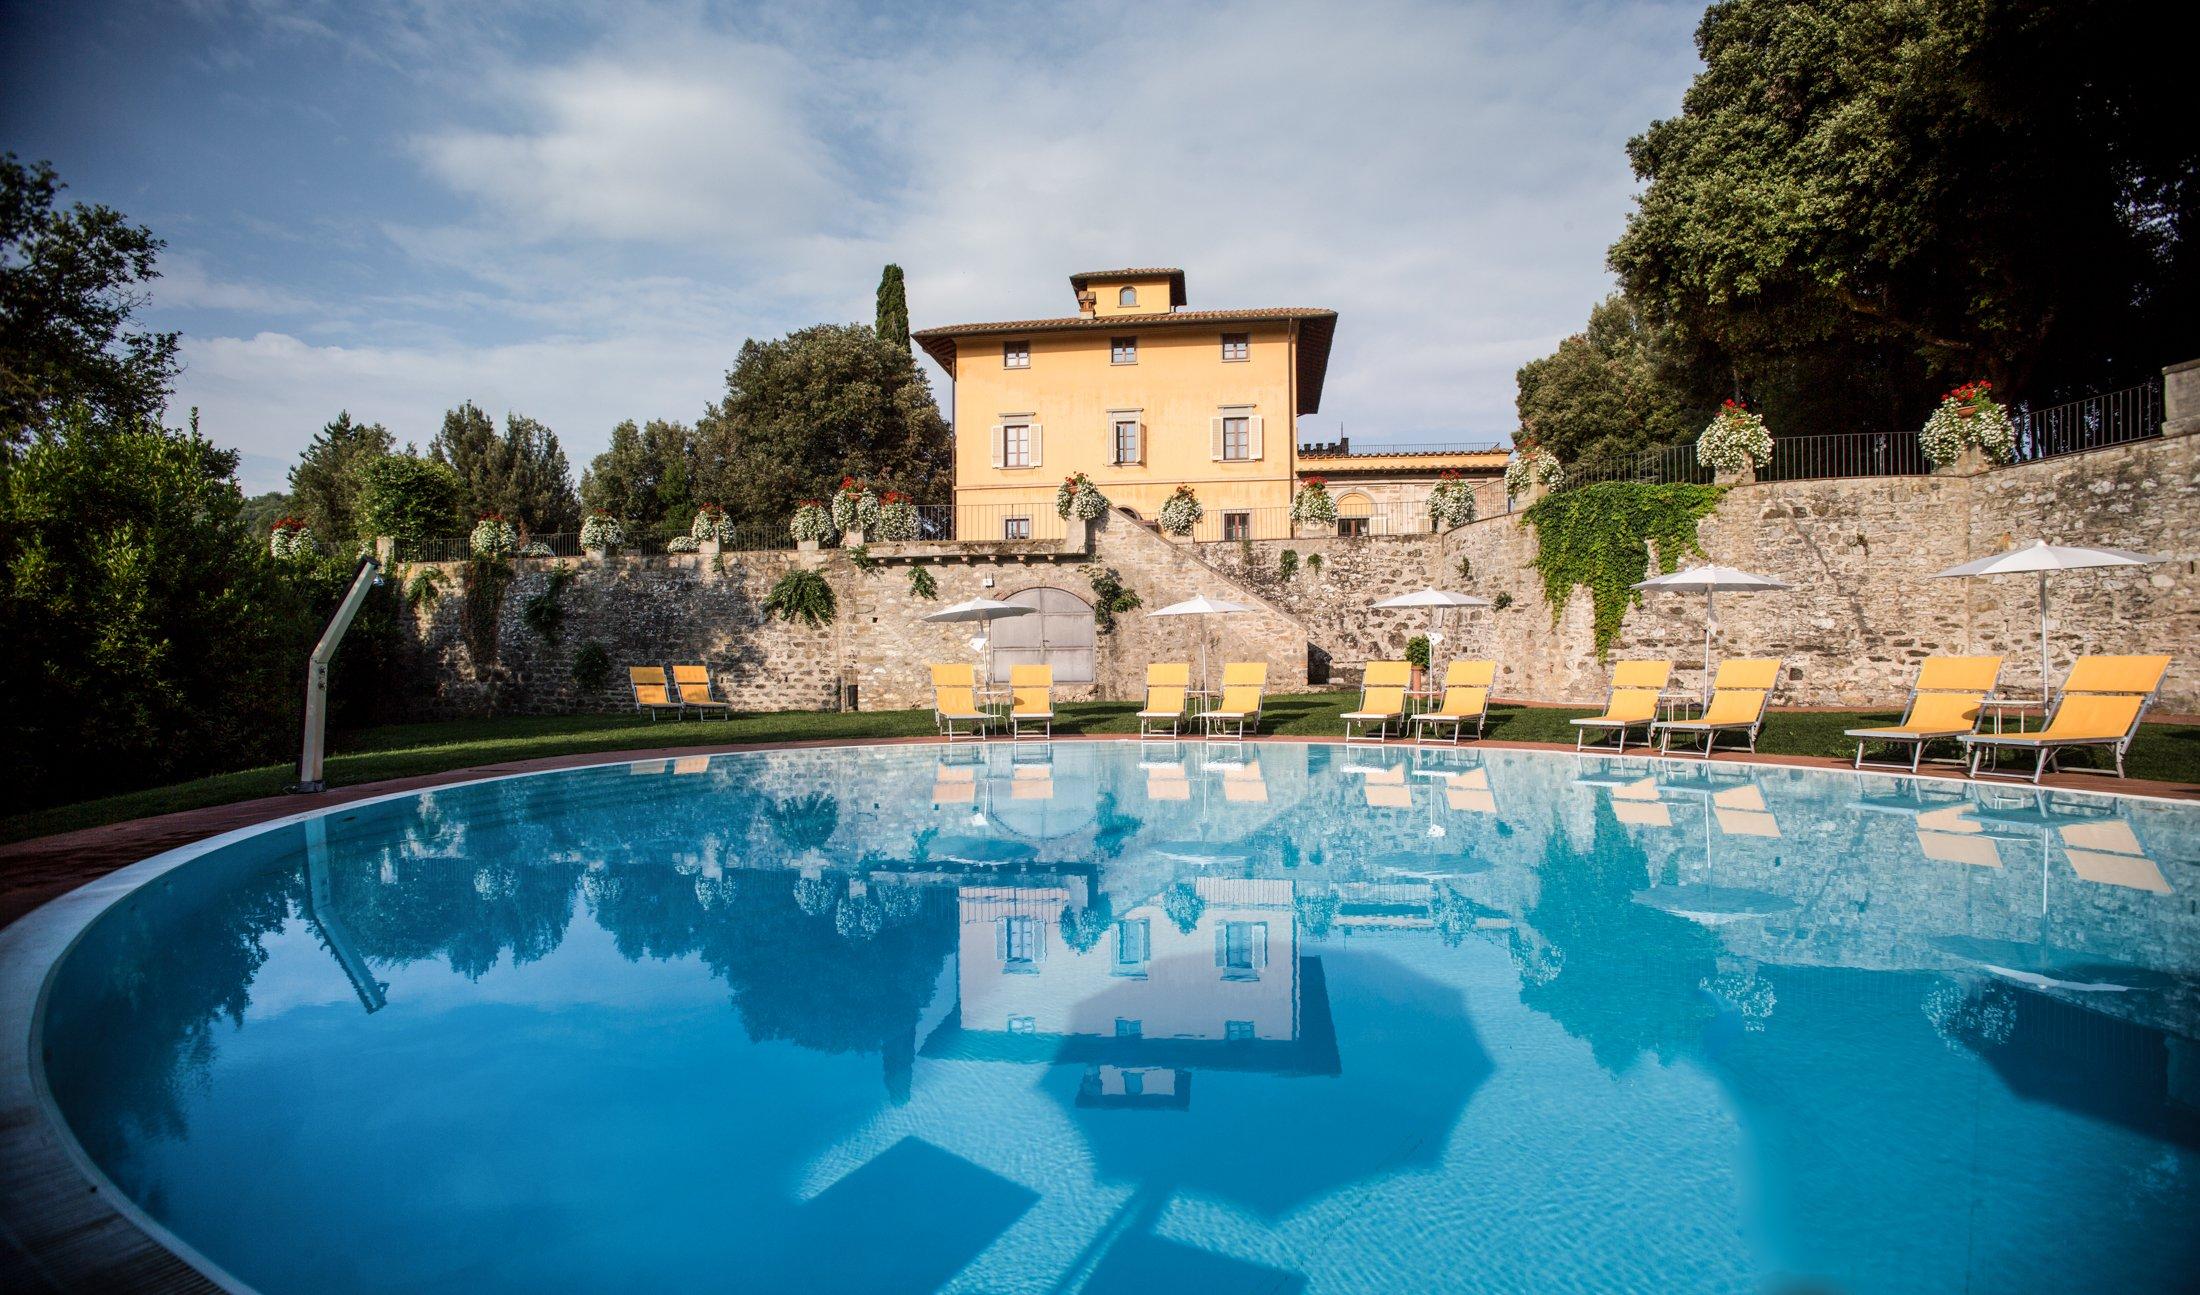 Hotel Villa Campomaggio Resort & Spa